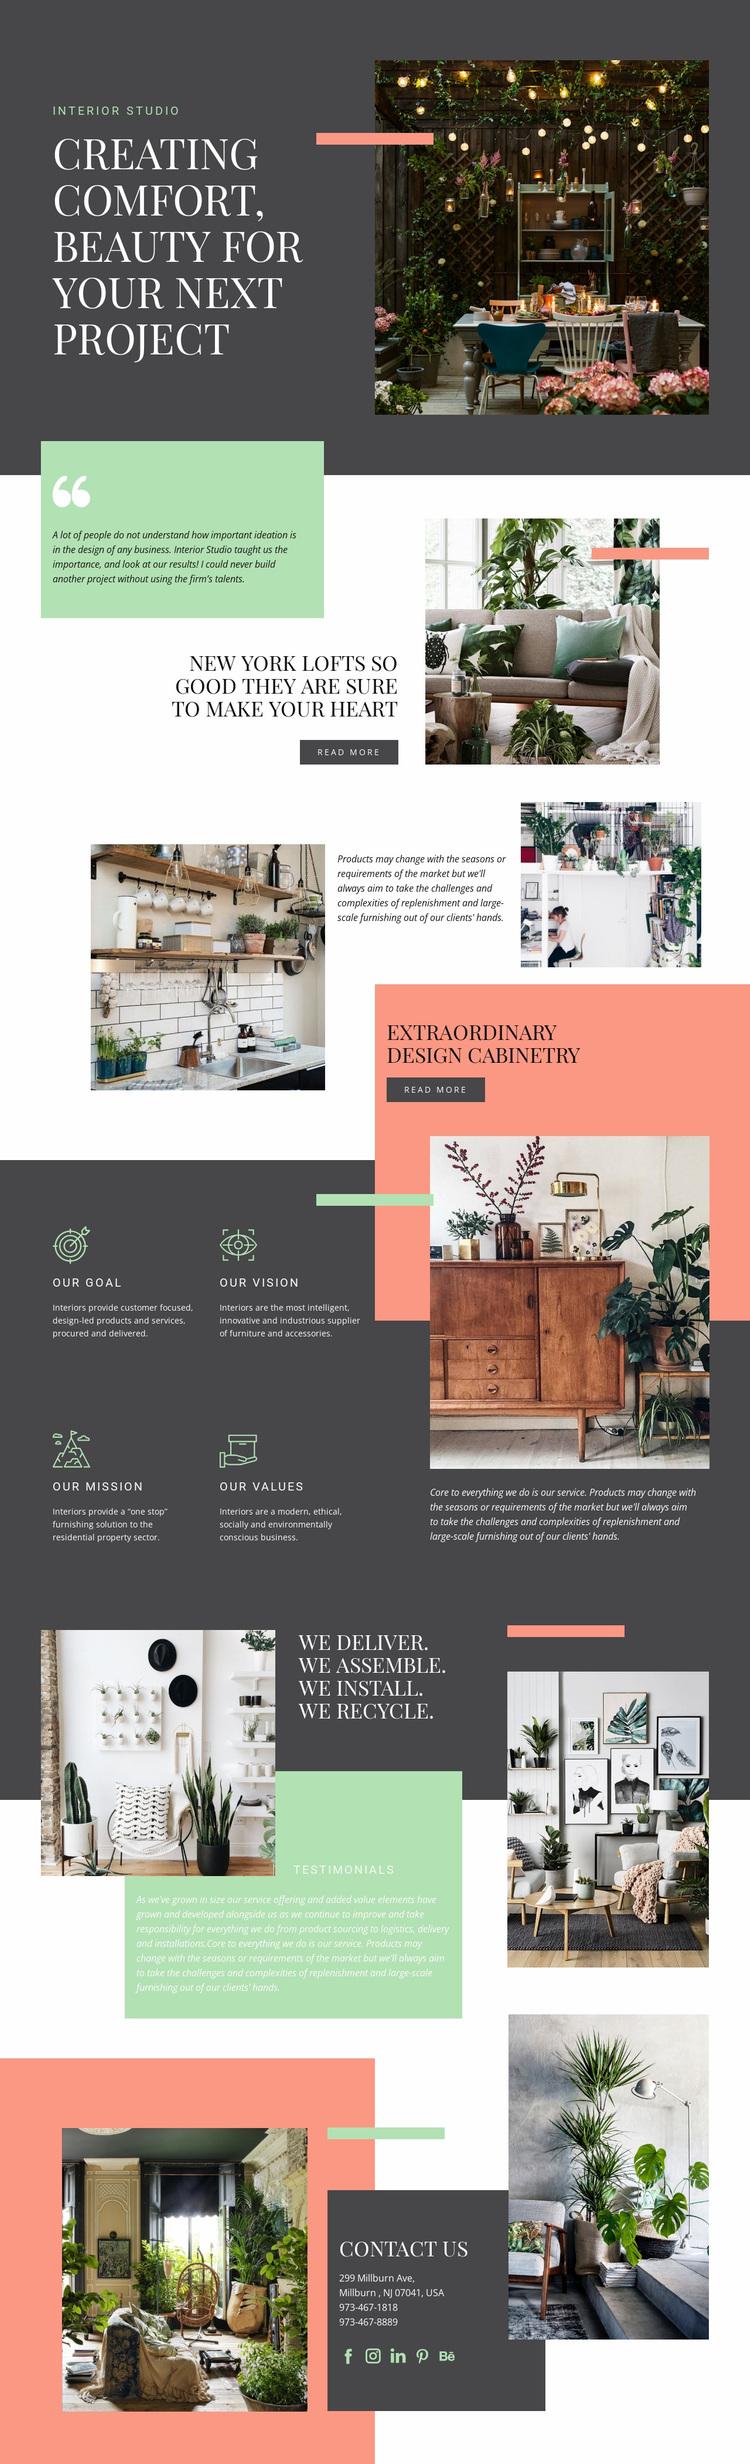 Comfort in your home Website Design